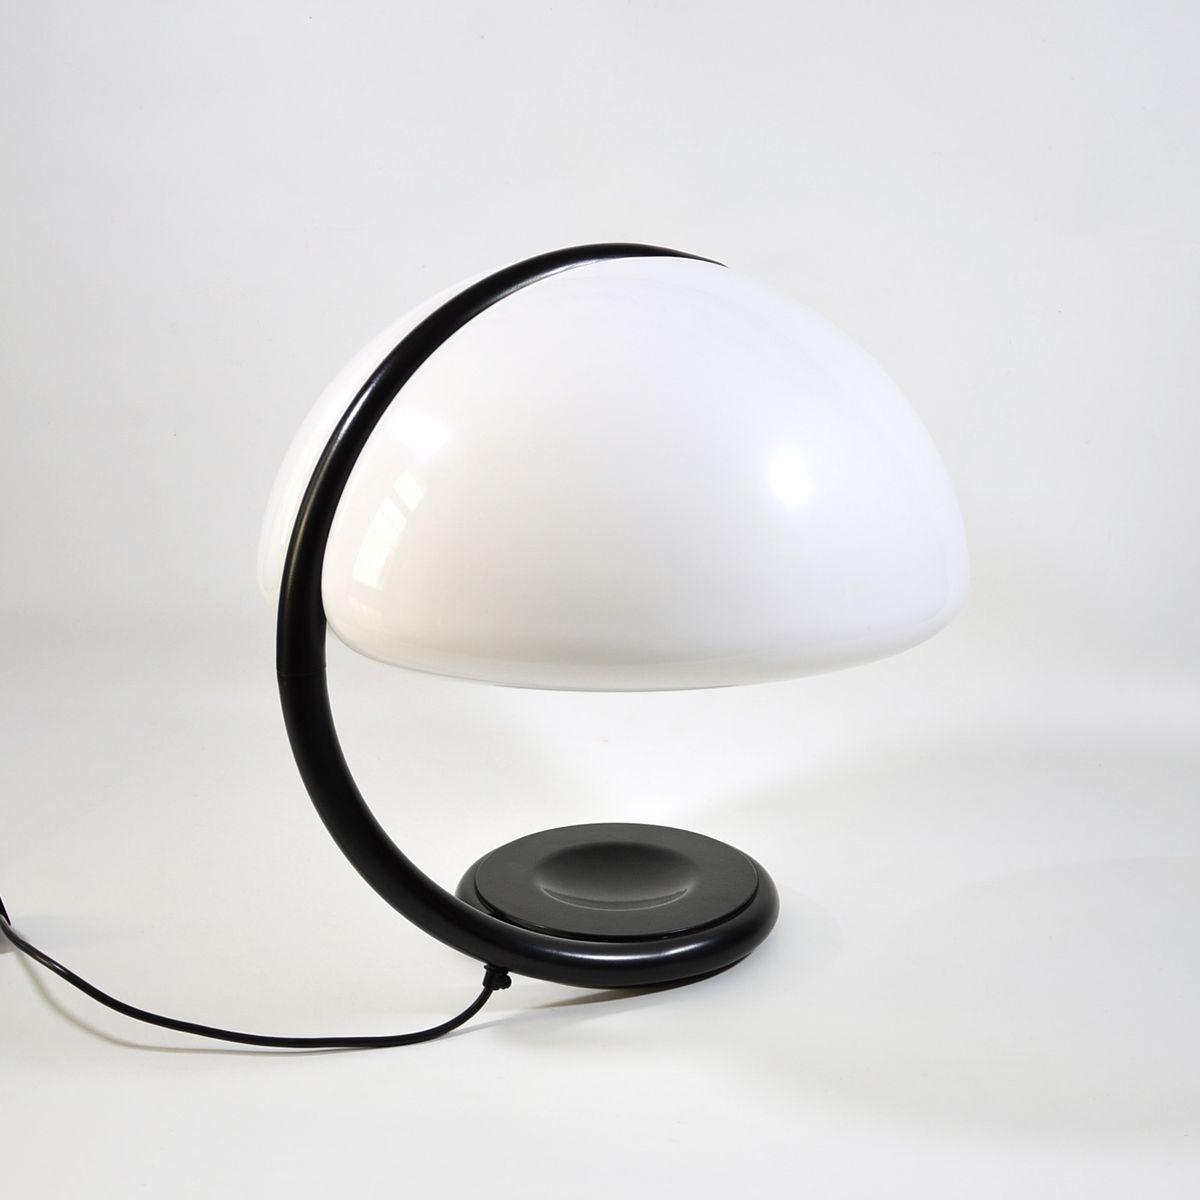 Snake Lampe von Elio Martinelli für Martinelli Luce, 1965